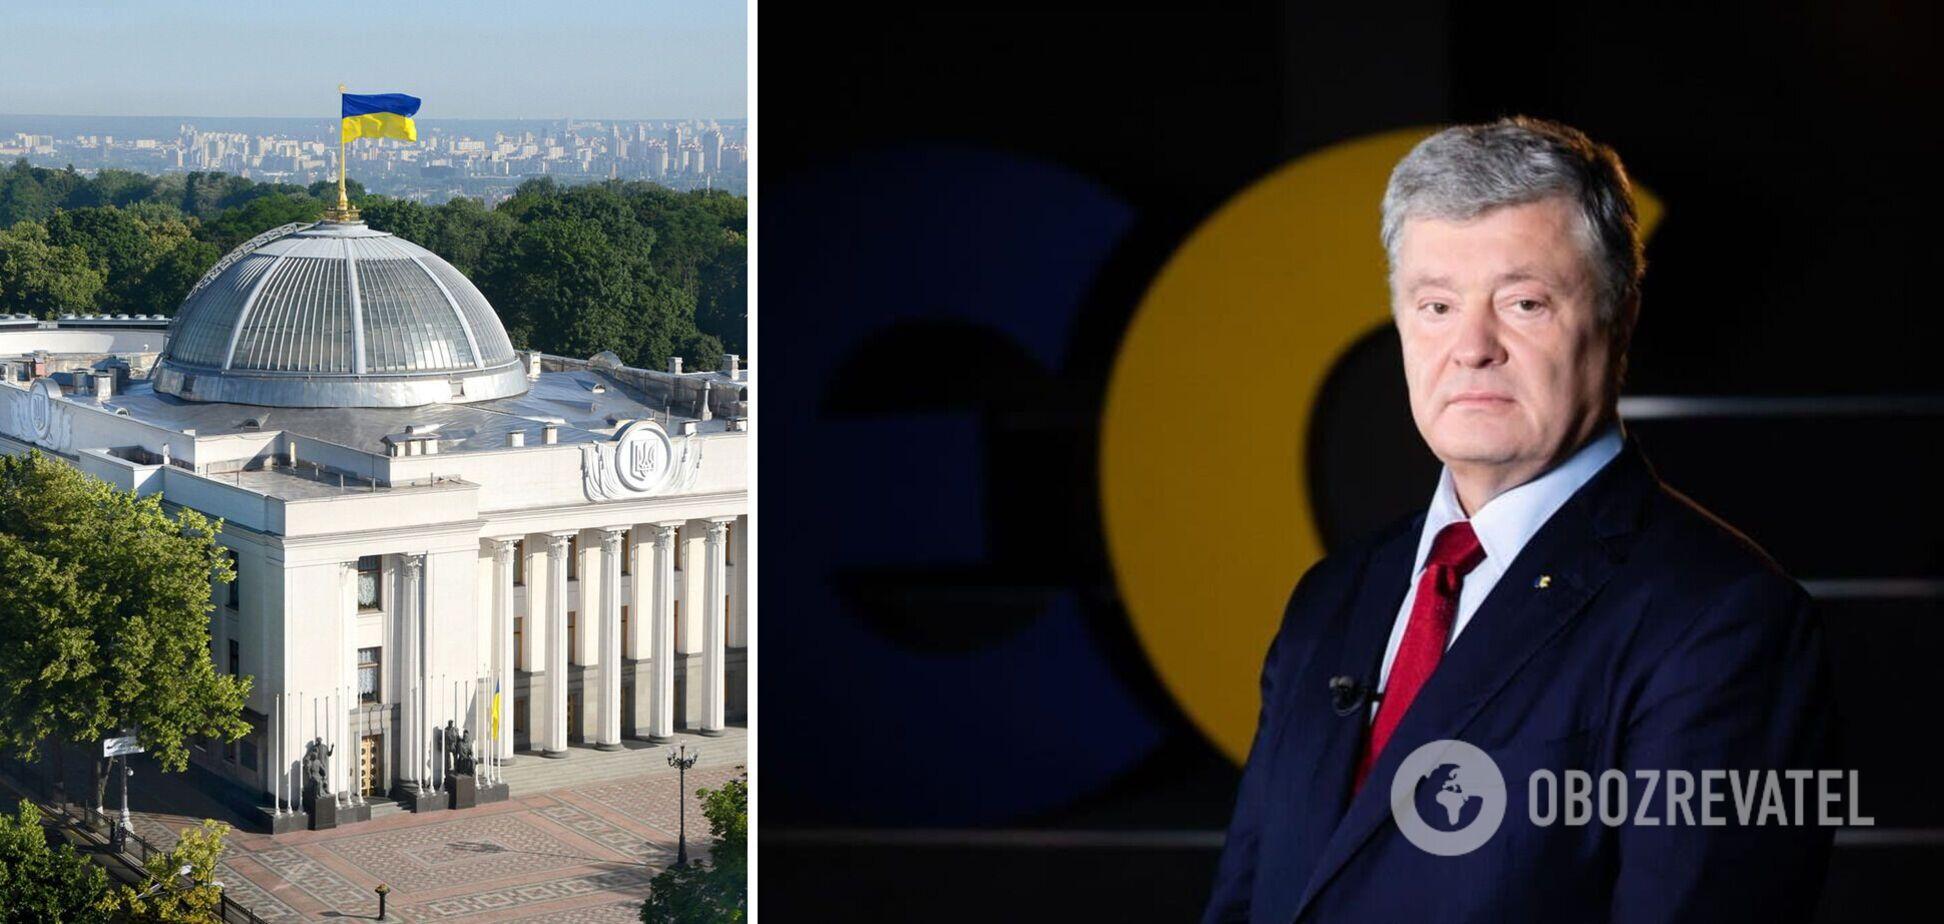 Рада должна формировать повестку дня по вопросам, которые волнуют общество, а не 'Слугу народа', – Порошенко